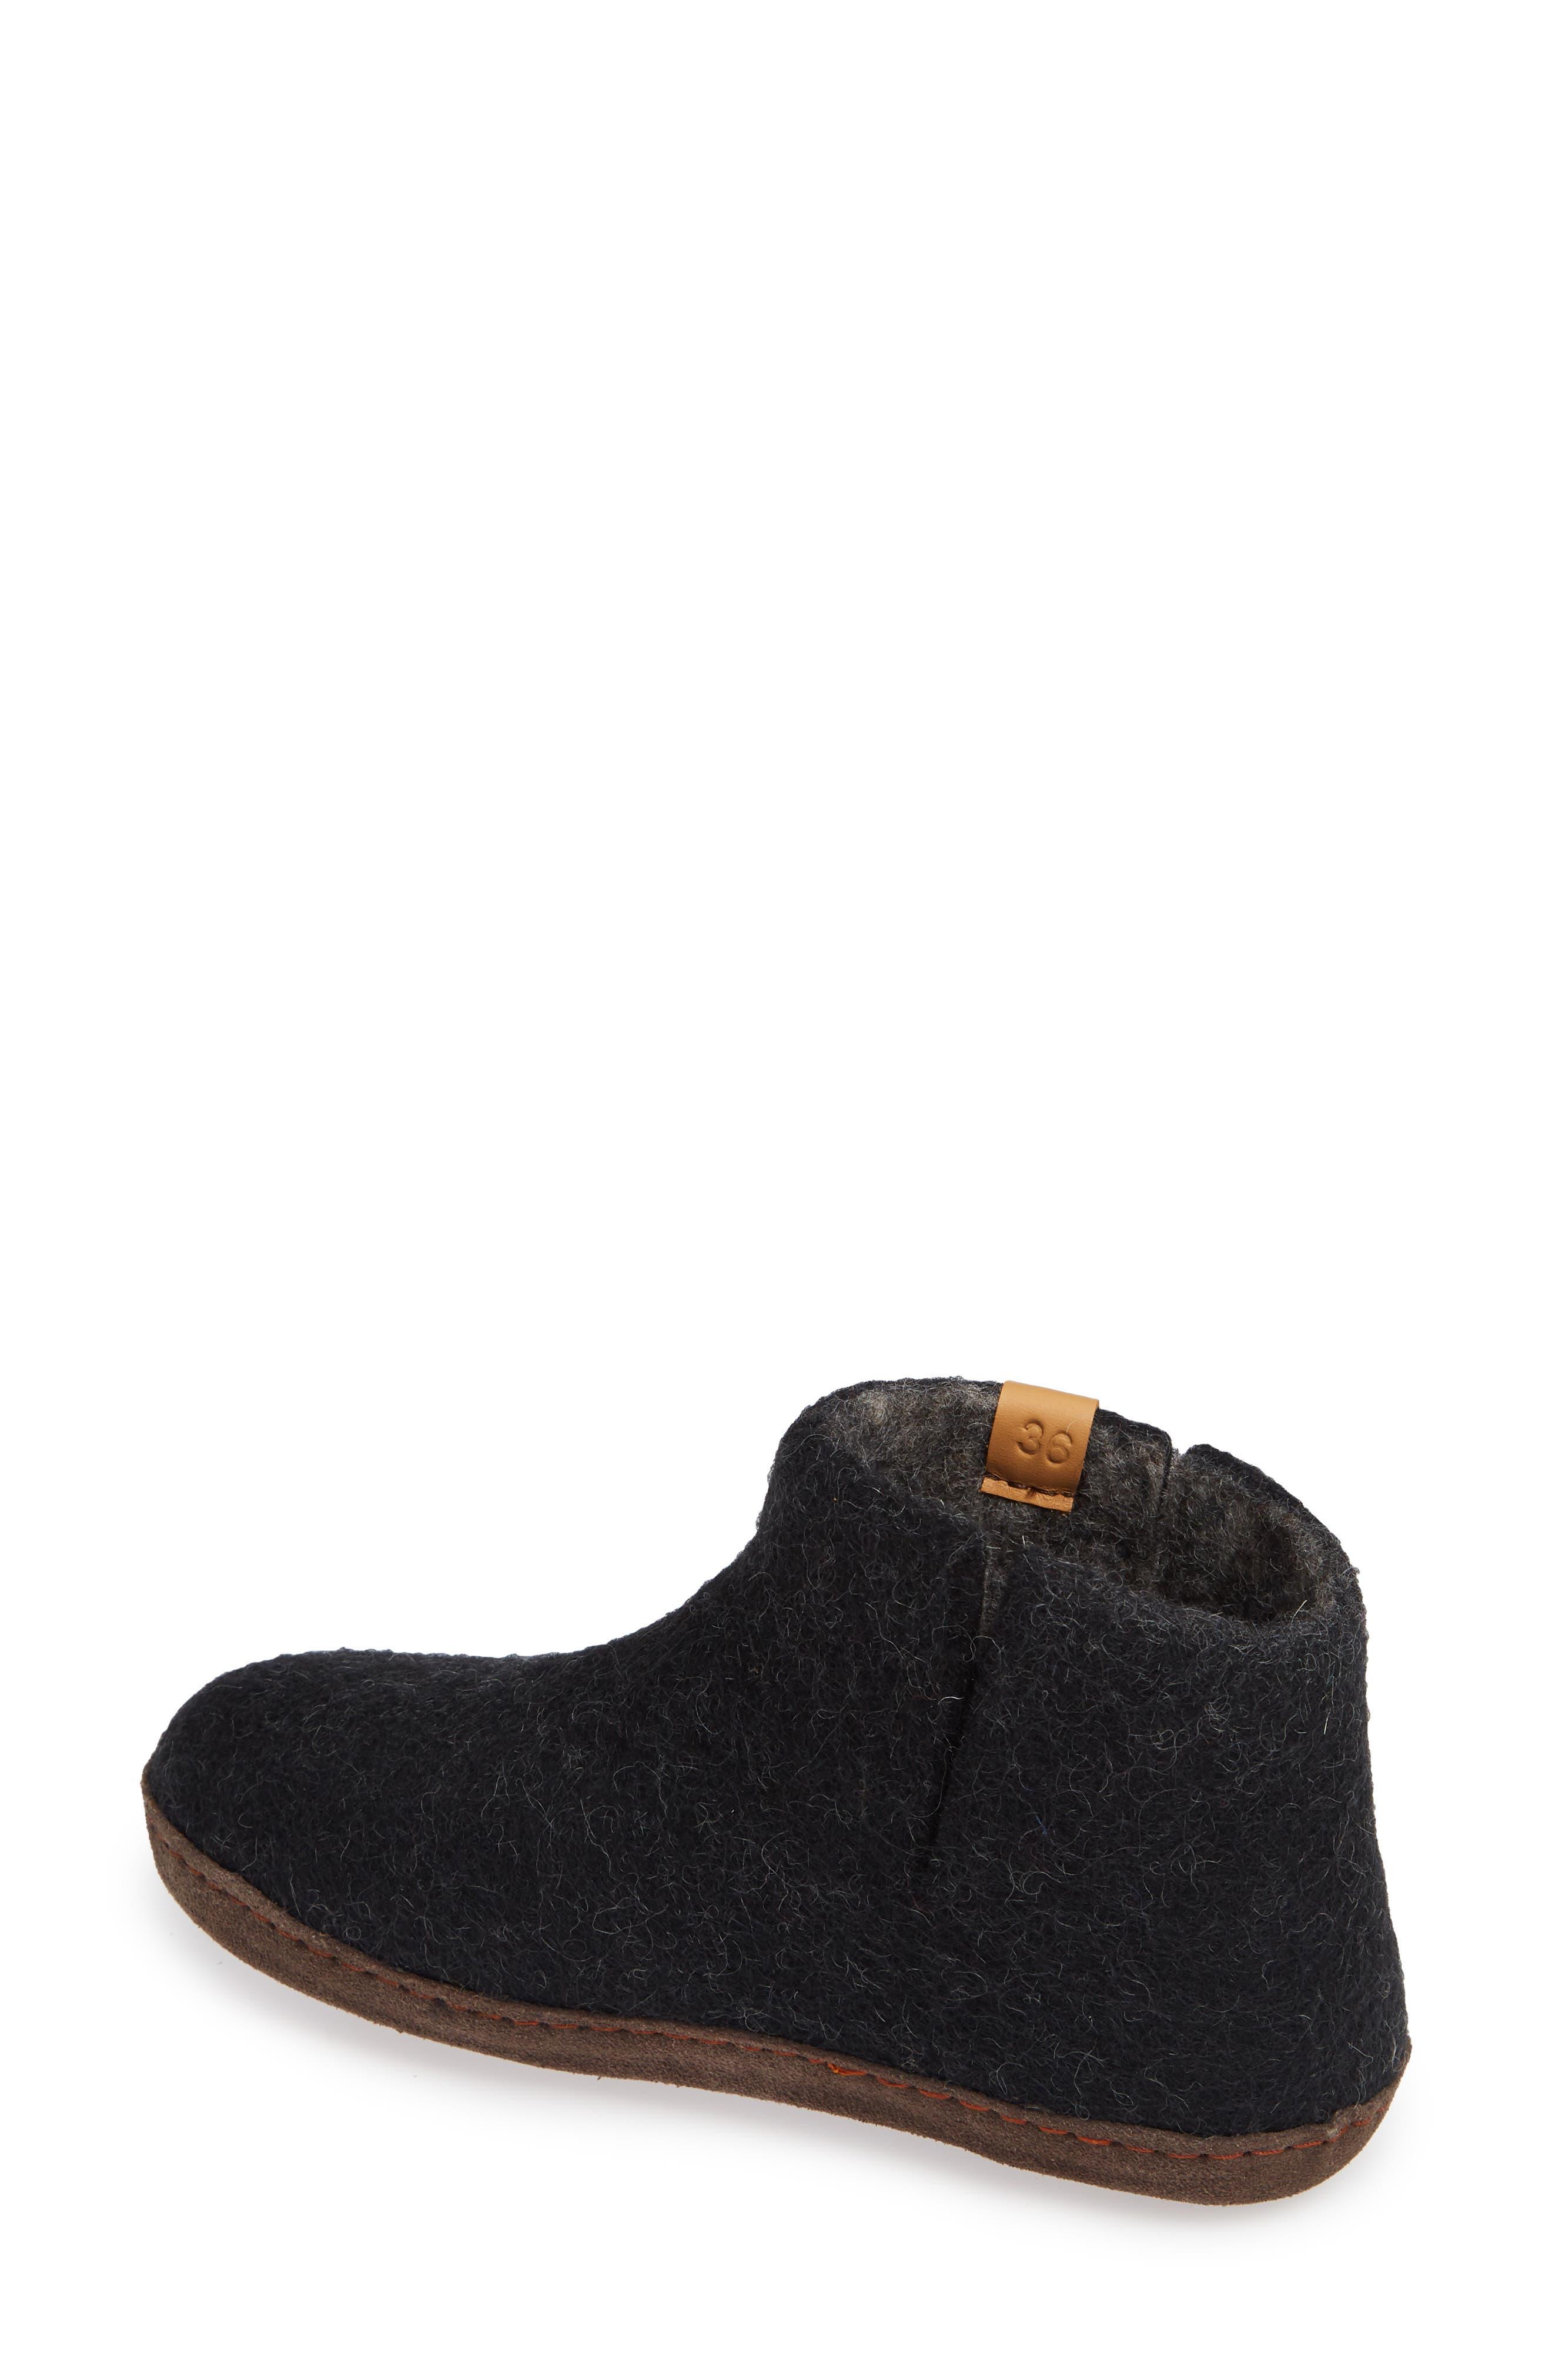 Everest Wool Slipper,                             Alternate thumbnail 2, color,                             BLACK WOOL